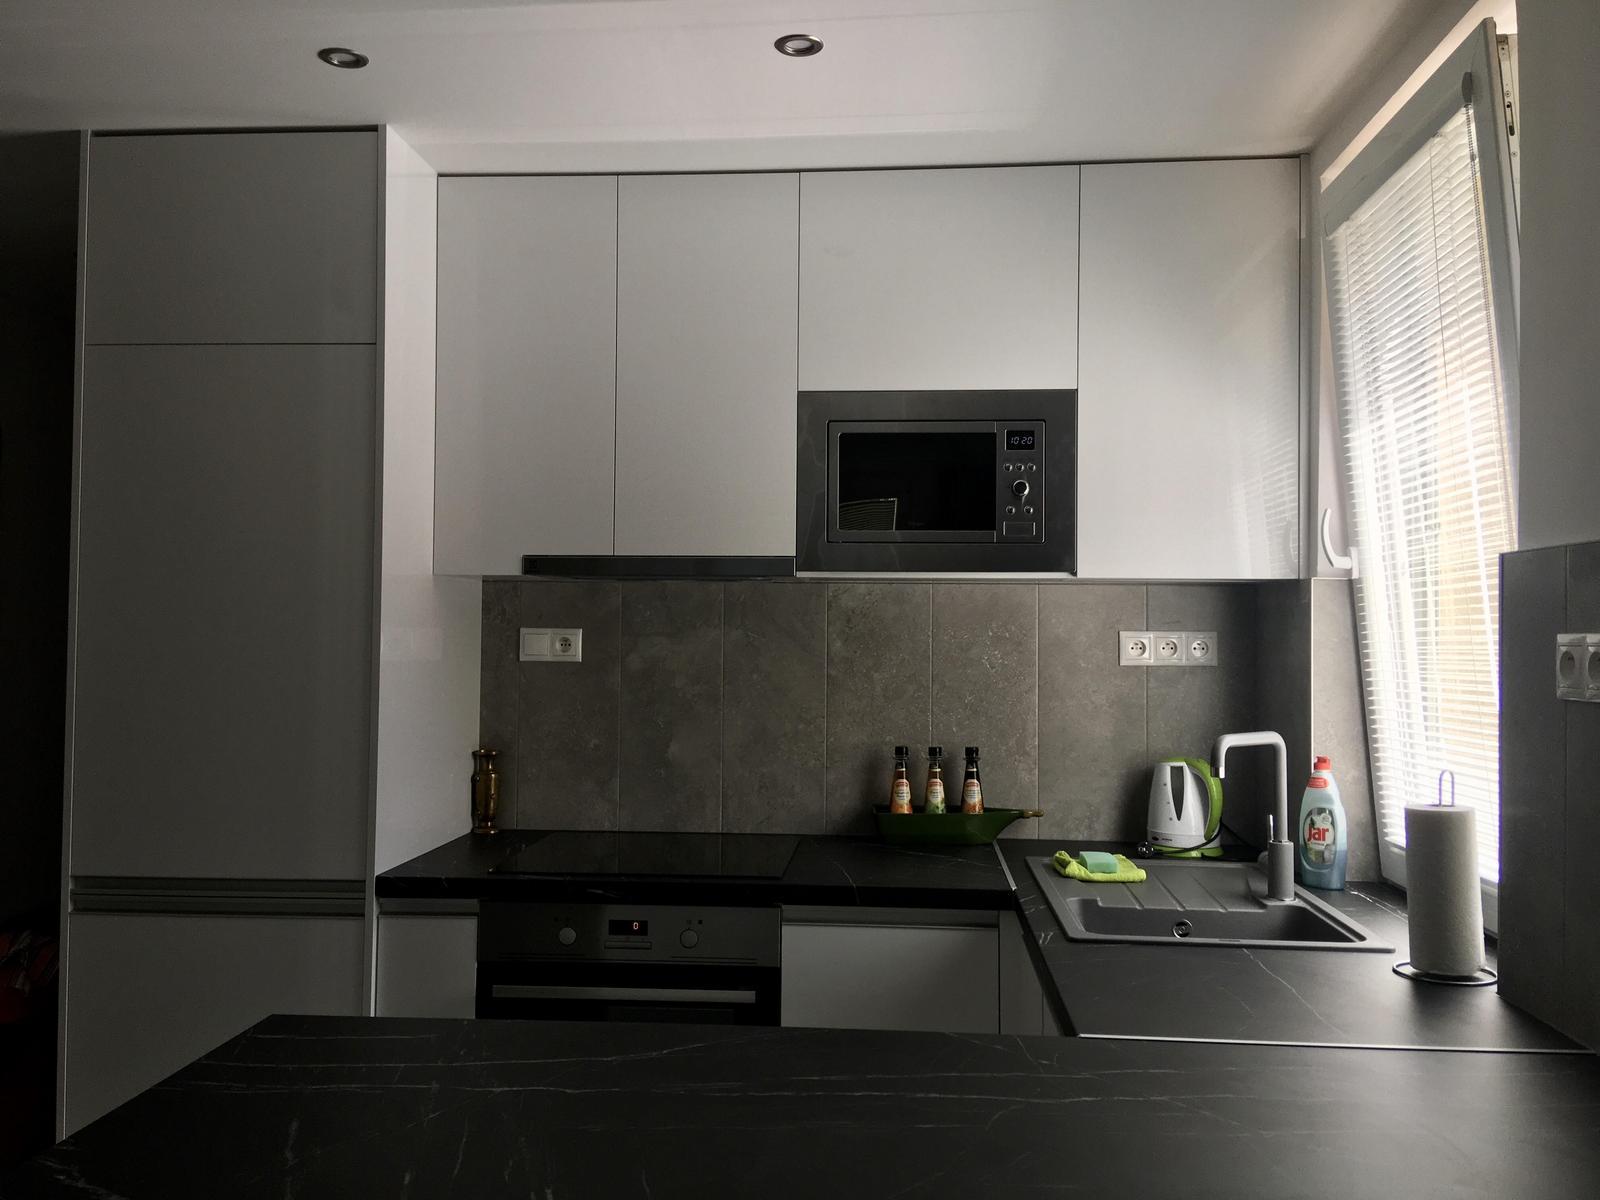 Biela lesklá kuchyňa - Obrázok č. 1